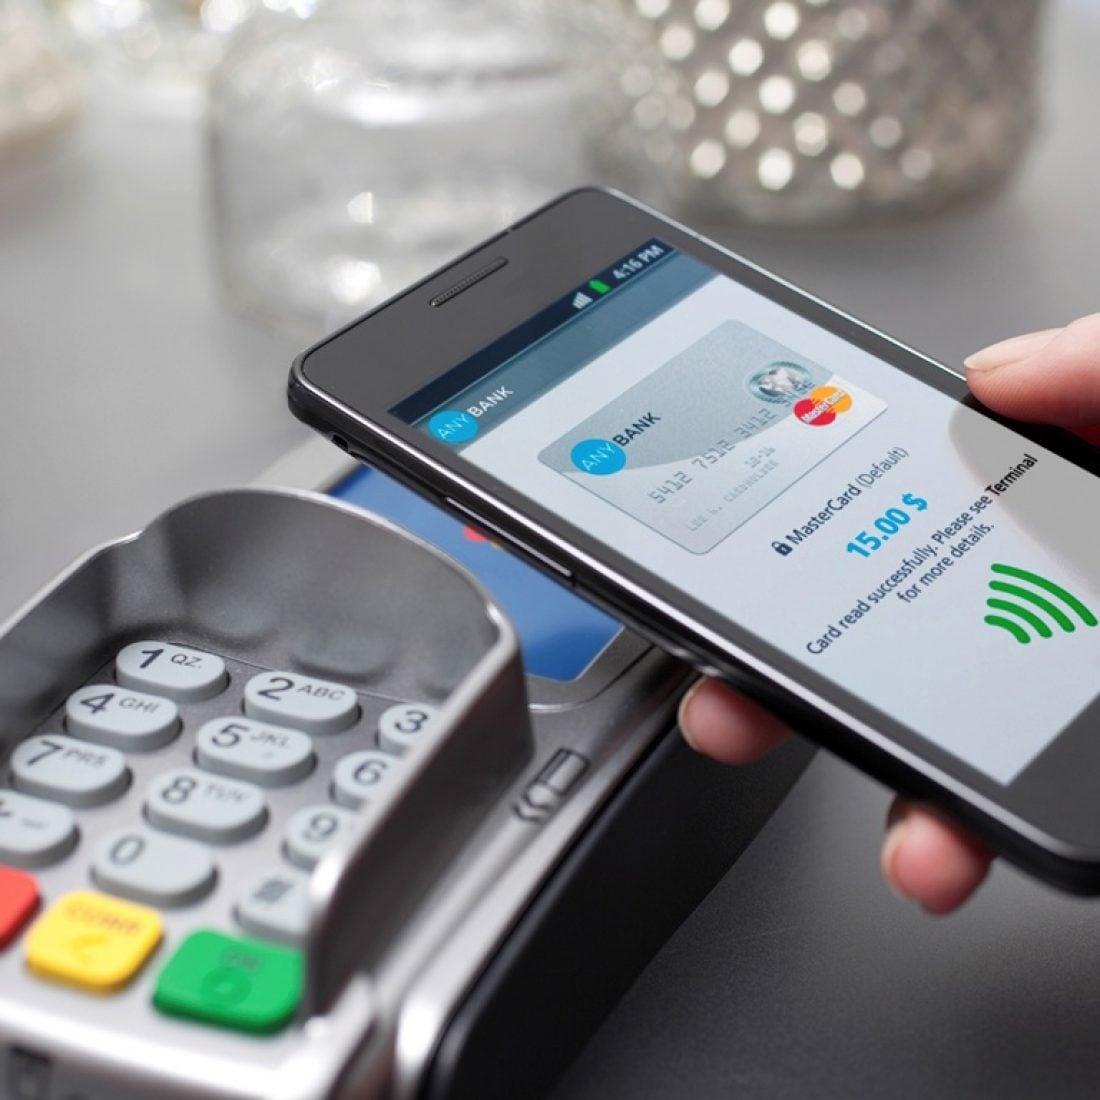 Płatności zbliżeniowe są bardzo popularne w naszym kraju